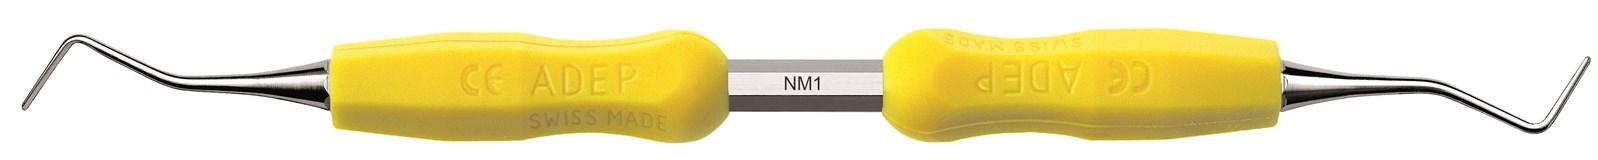 Lžičkové dlátko - NM1, ADEP světle modrý